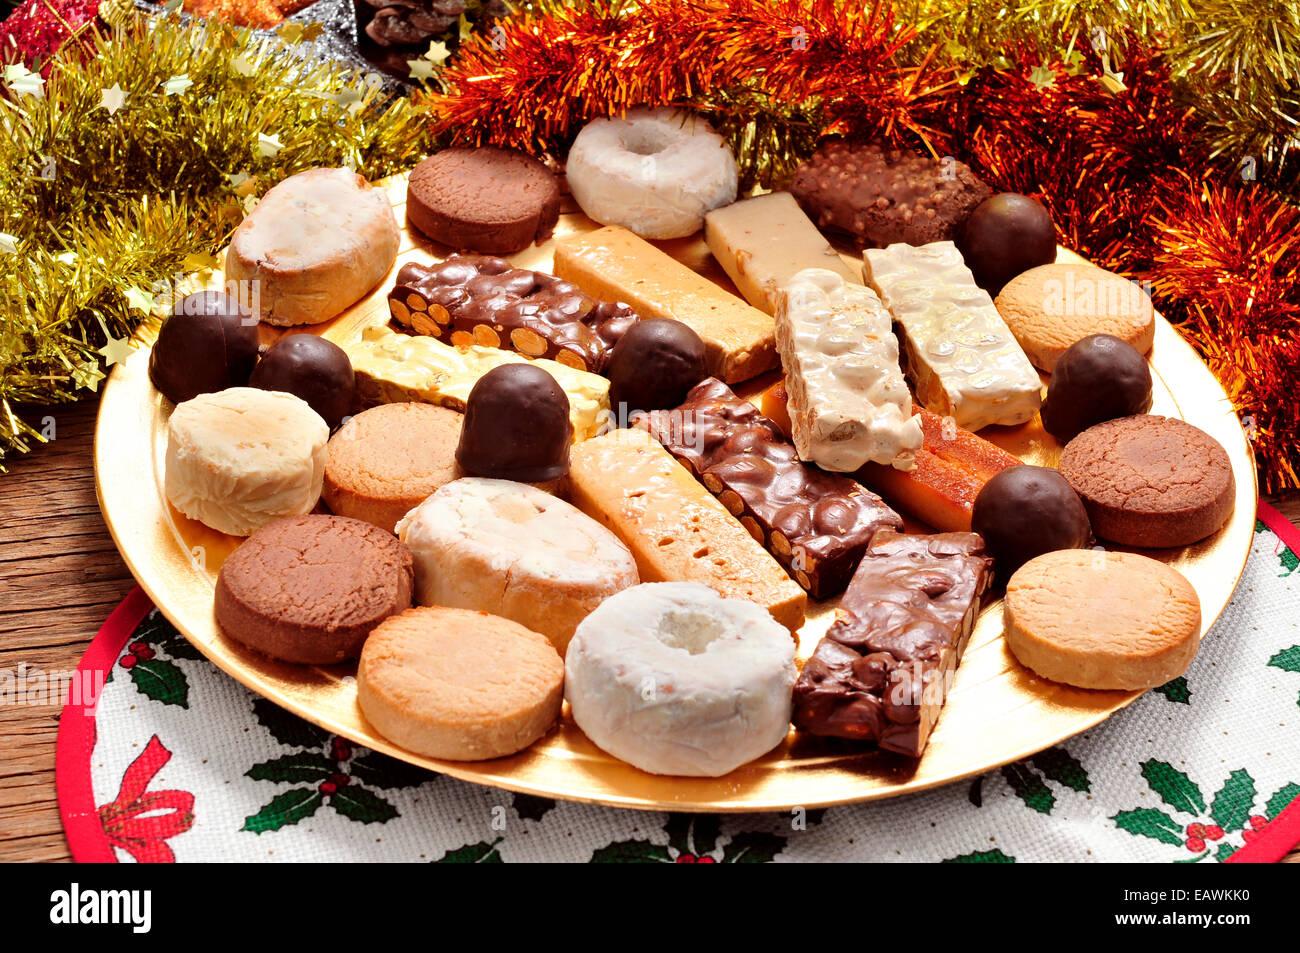 Spanien Weihnachtsessen.Ein Tablett Mit Verschiedenen Turron Polvorones Und Mantecados